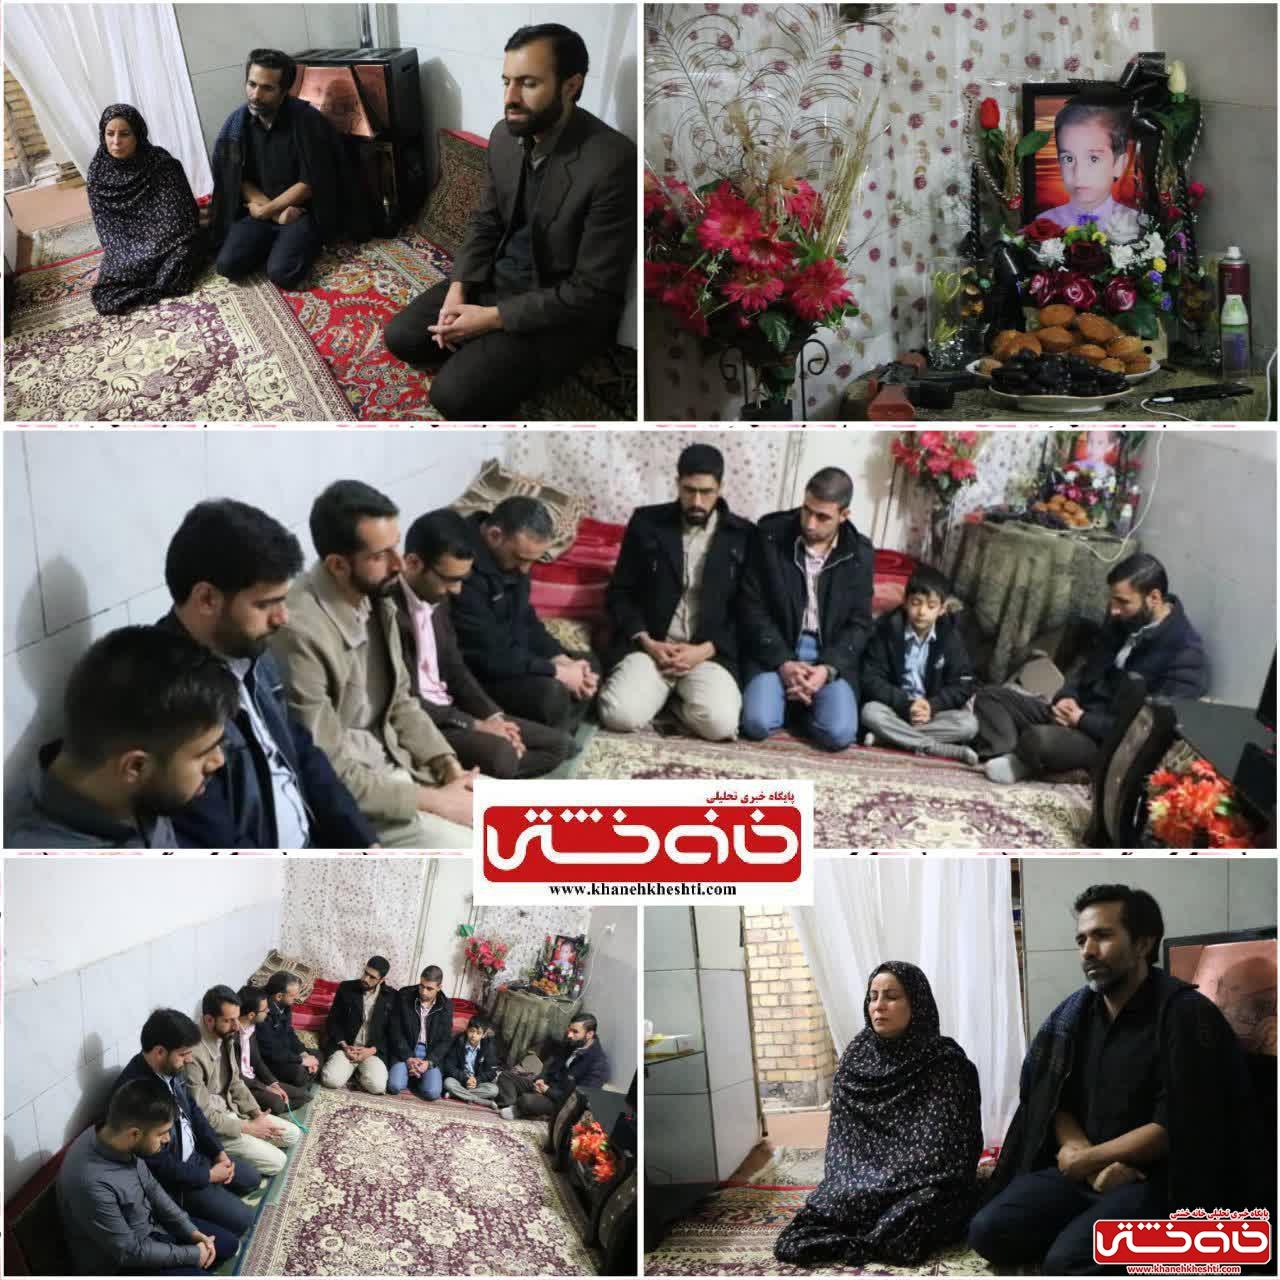 دیدار متفاوت خادمین شهدا رفسنجان با خانواده کودک اهدا عضو